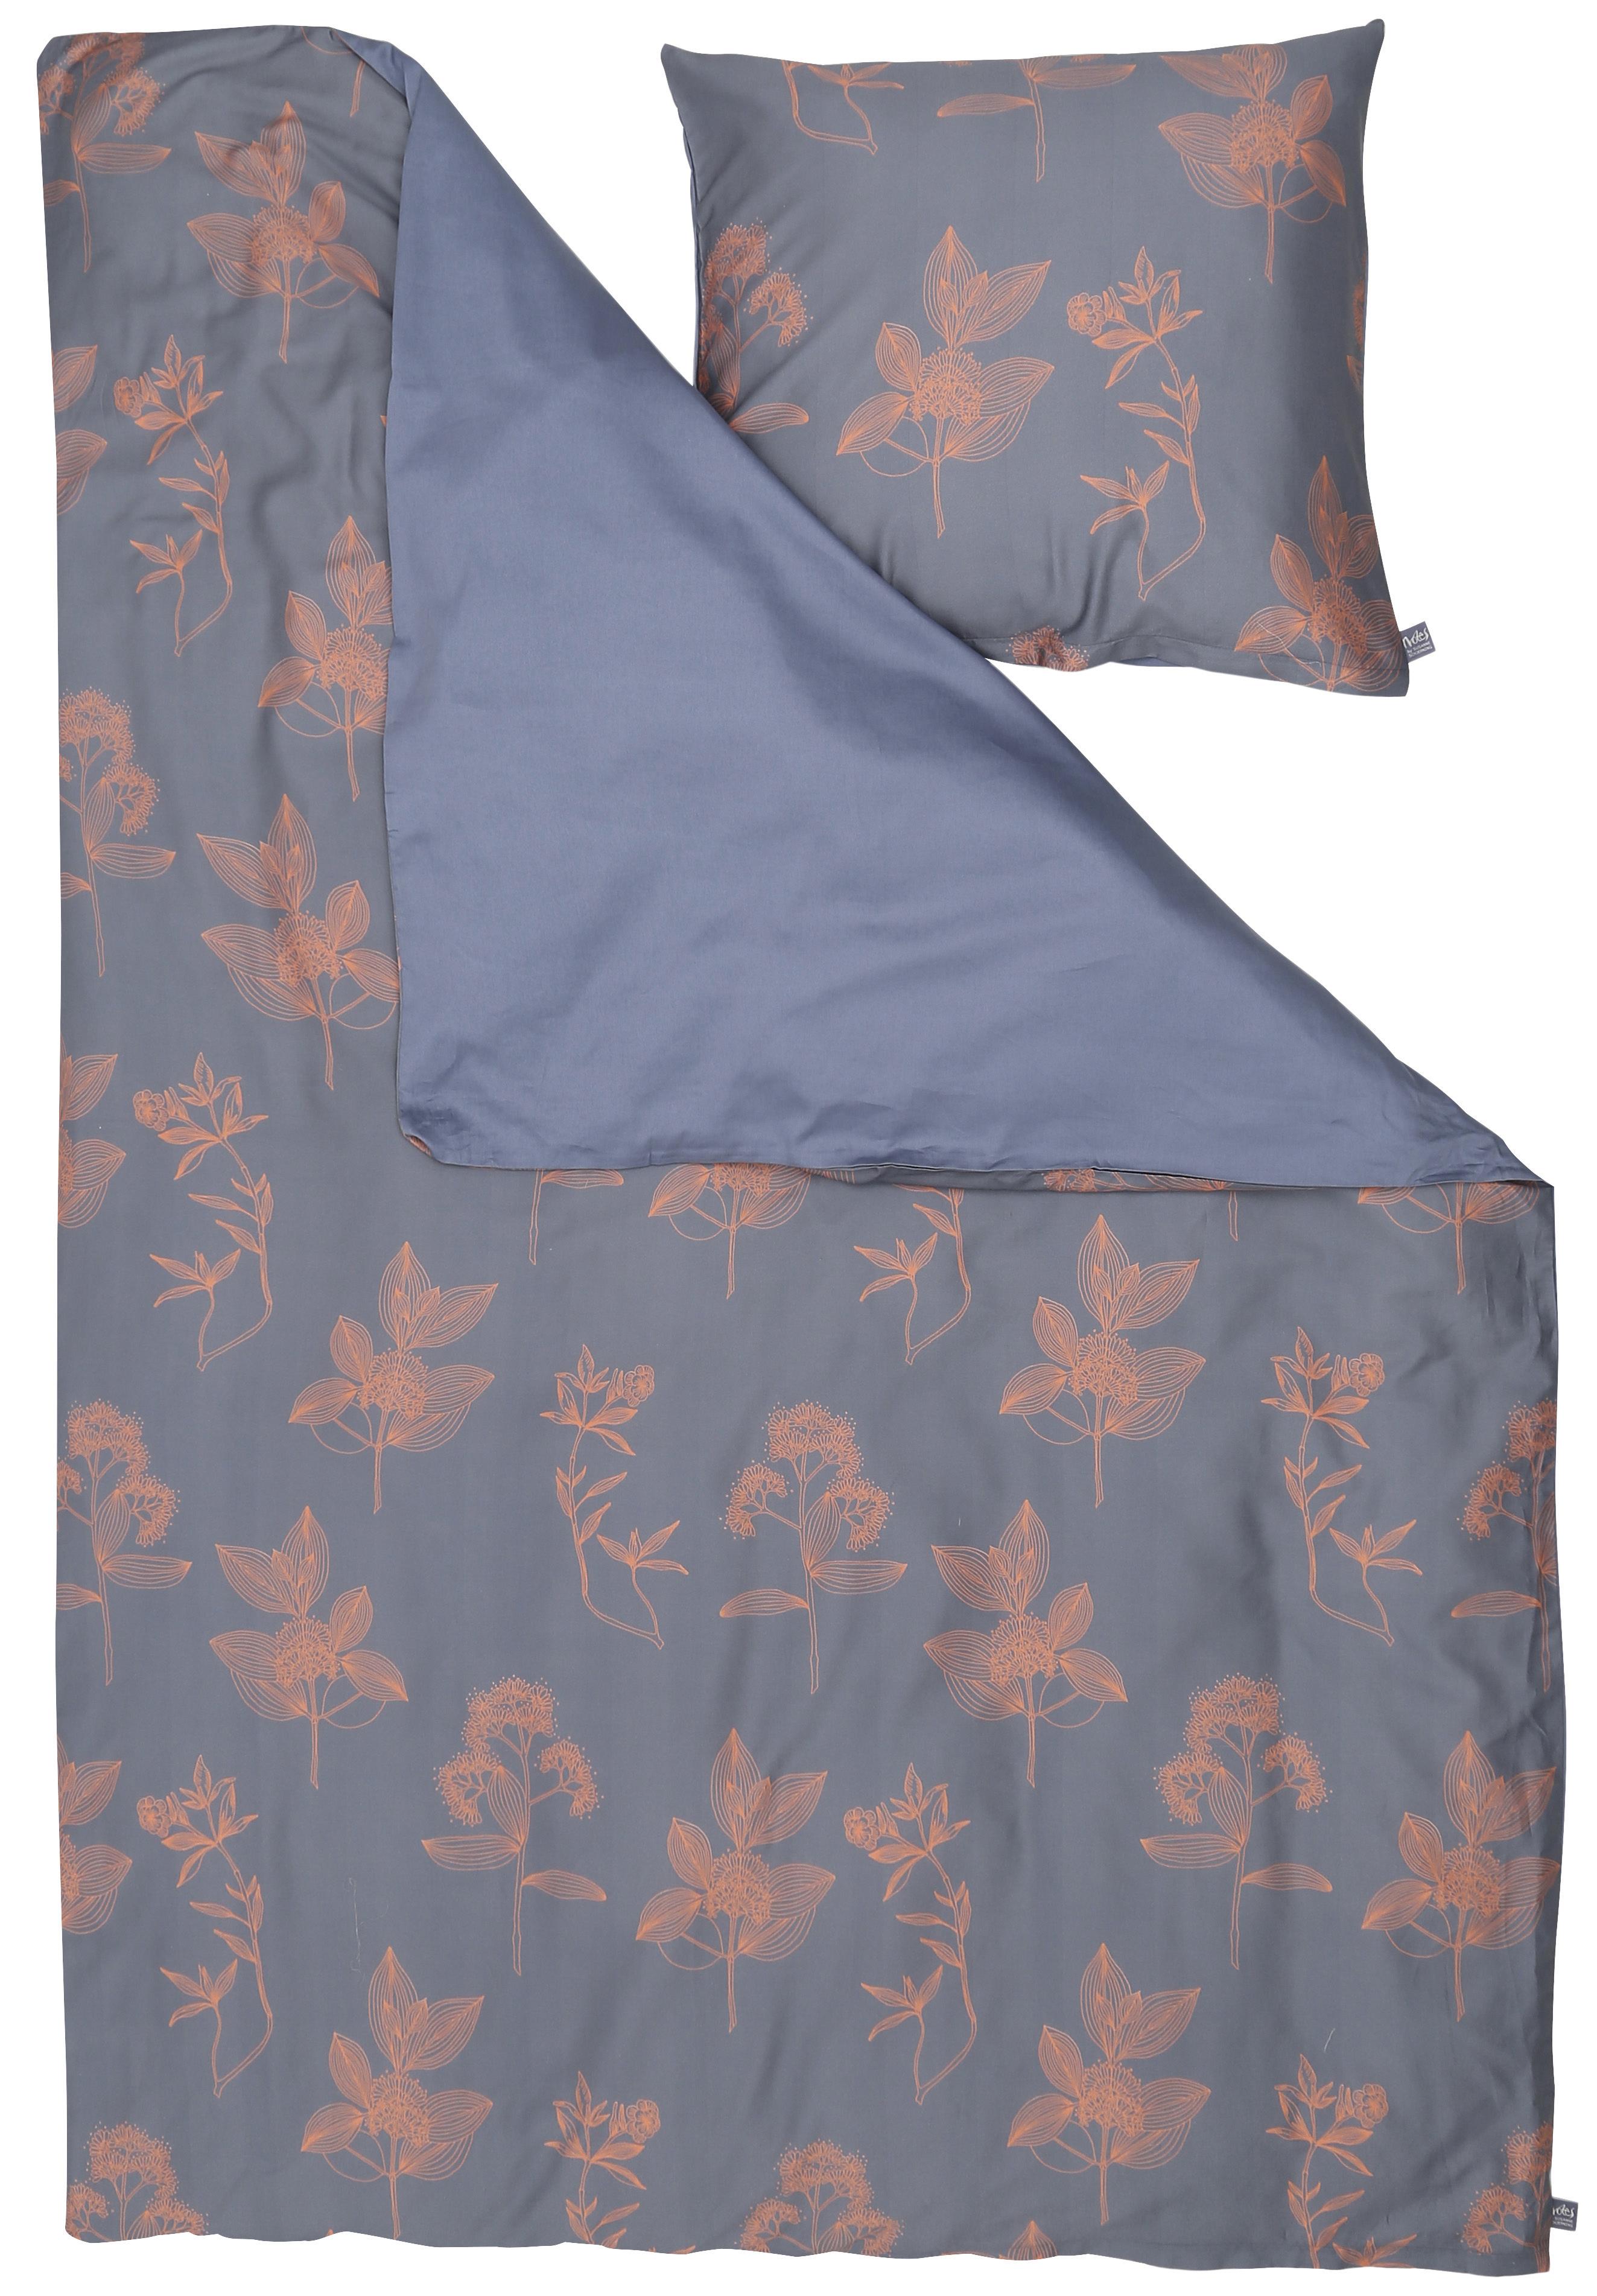 Billede af Susanne Schjerning sengetøj - Ixora - Indigo